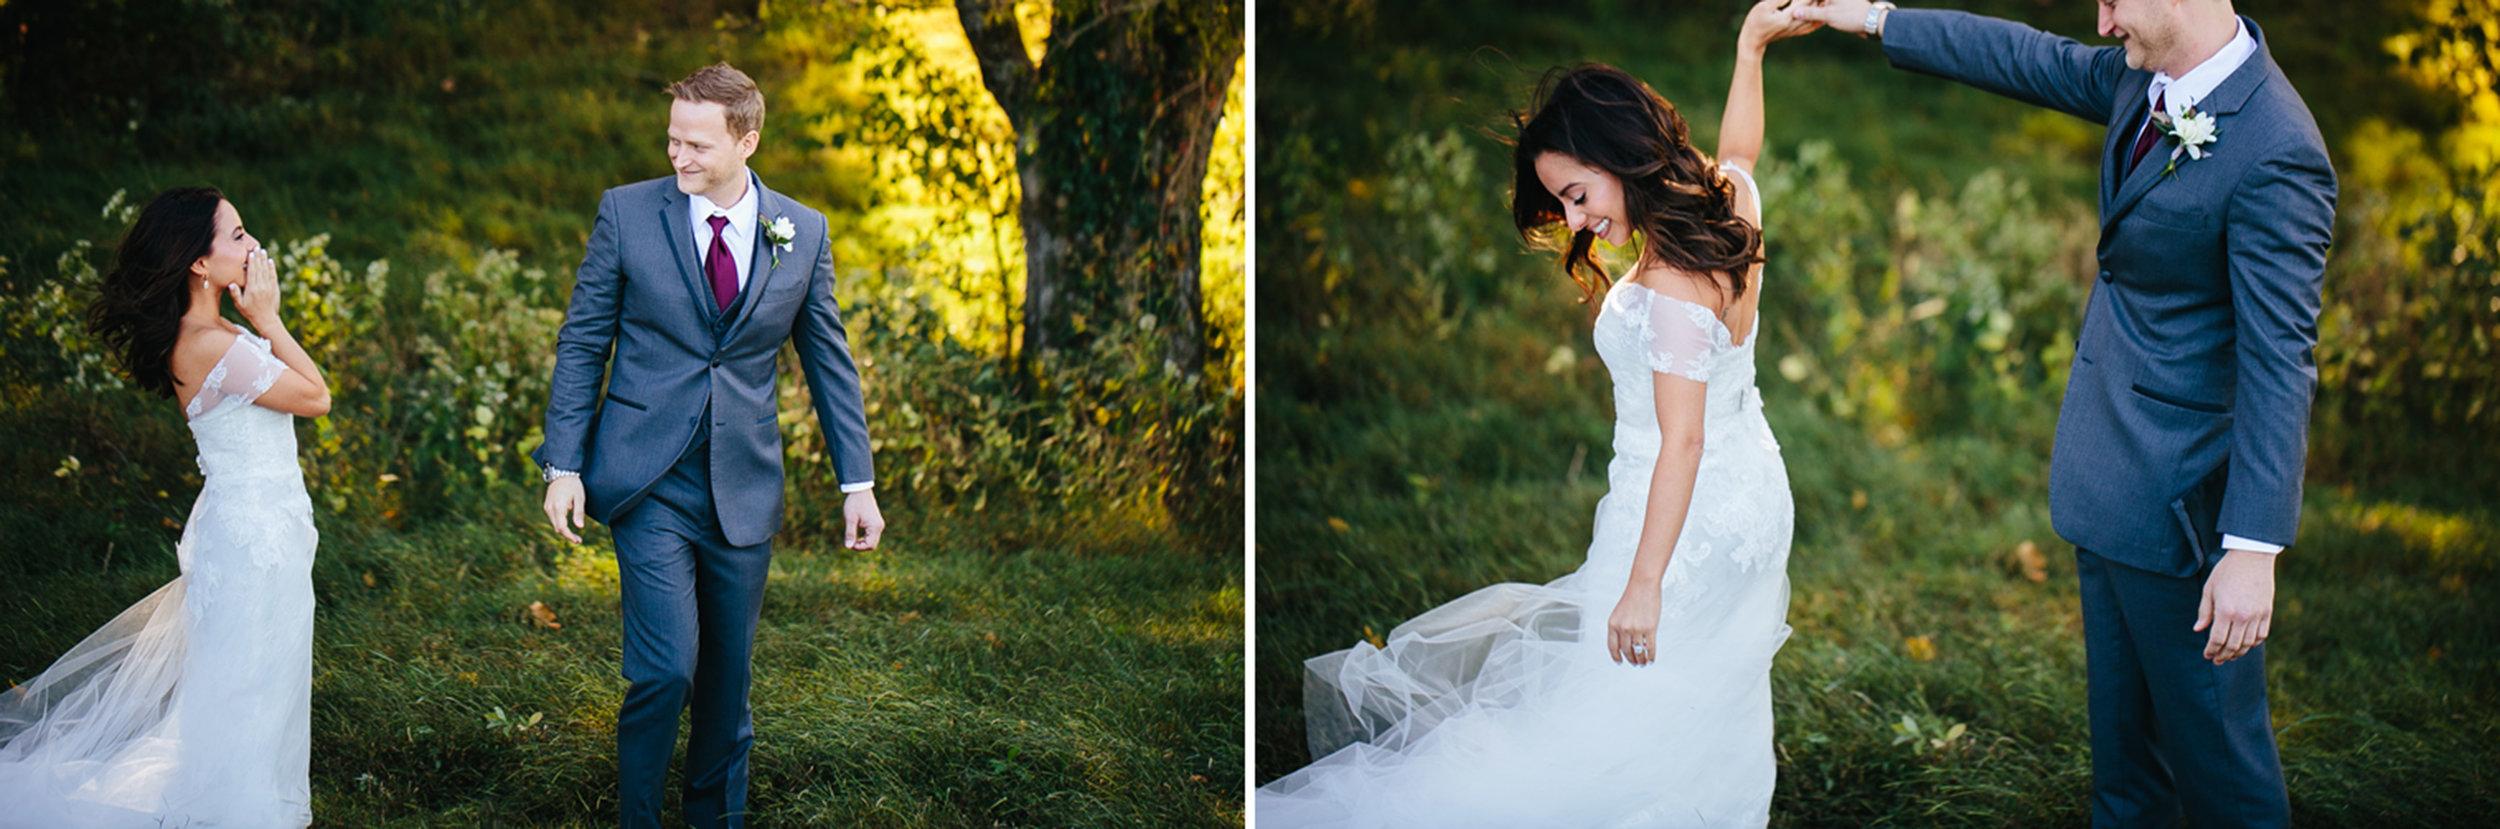 Nashville_WeddingPhotographer_007.jpg